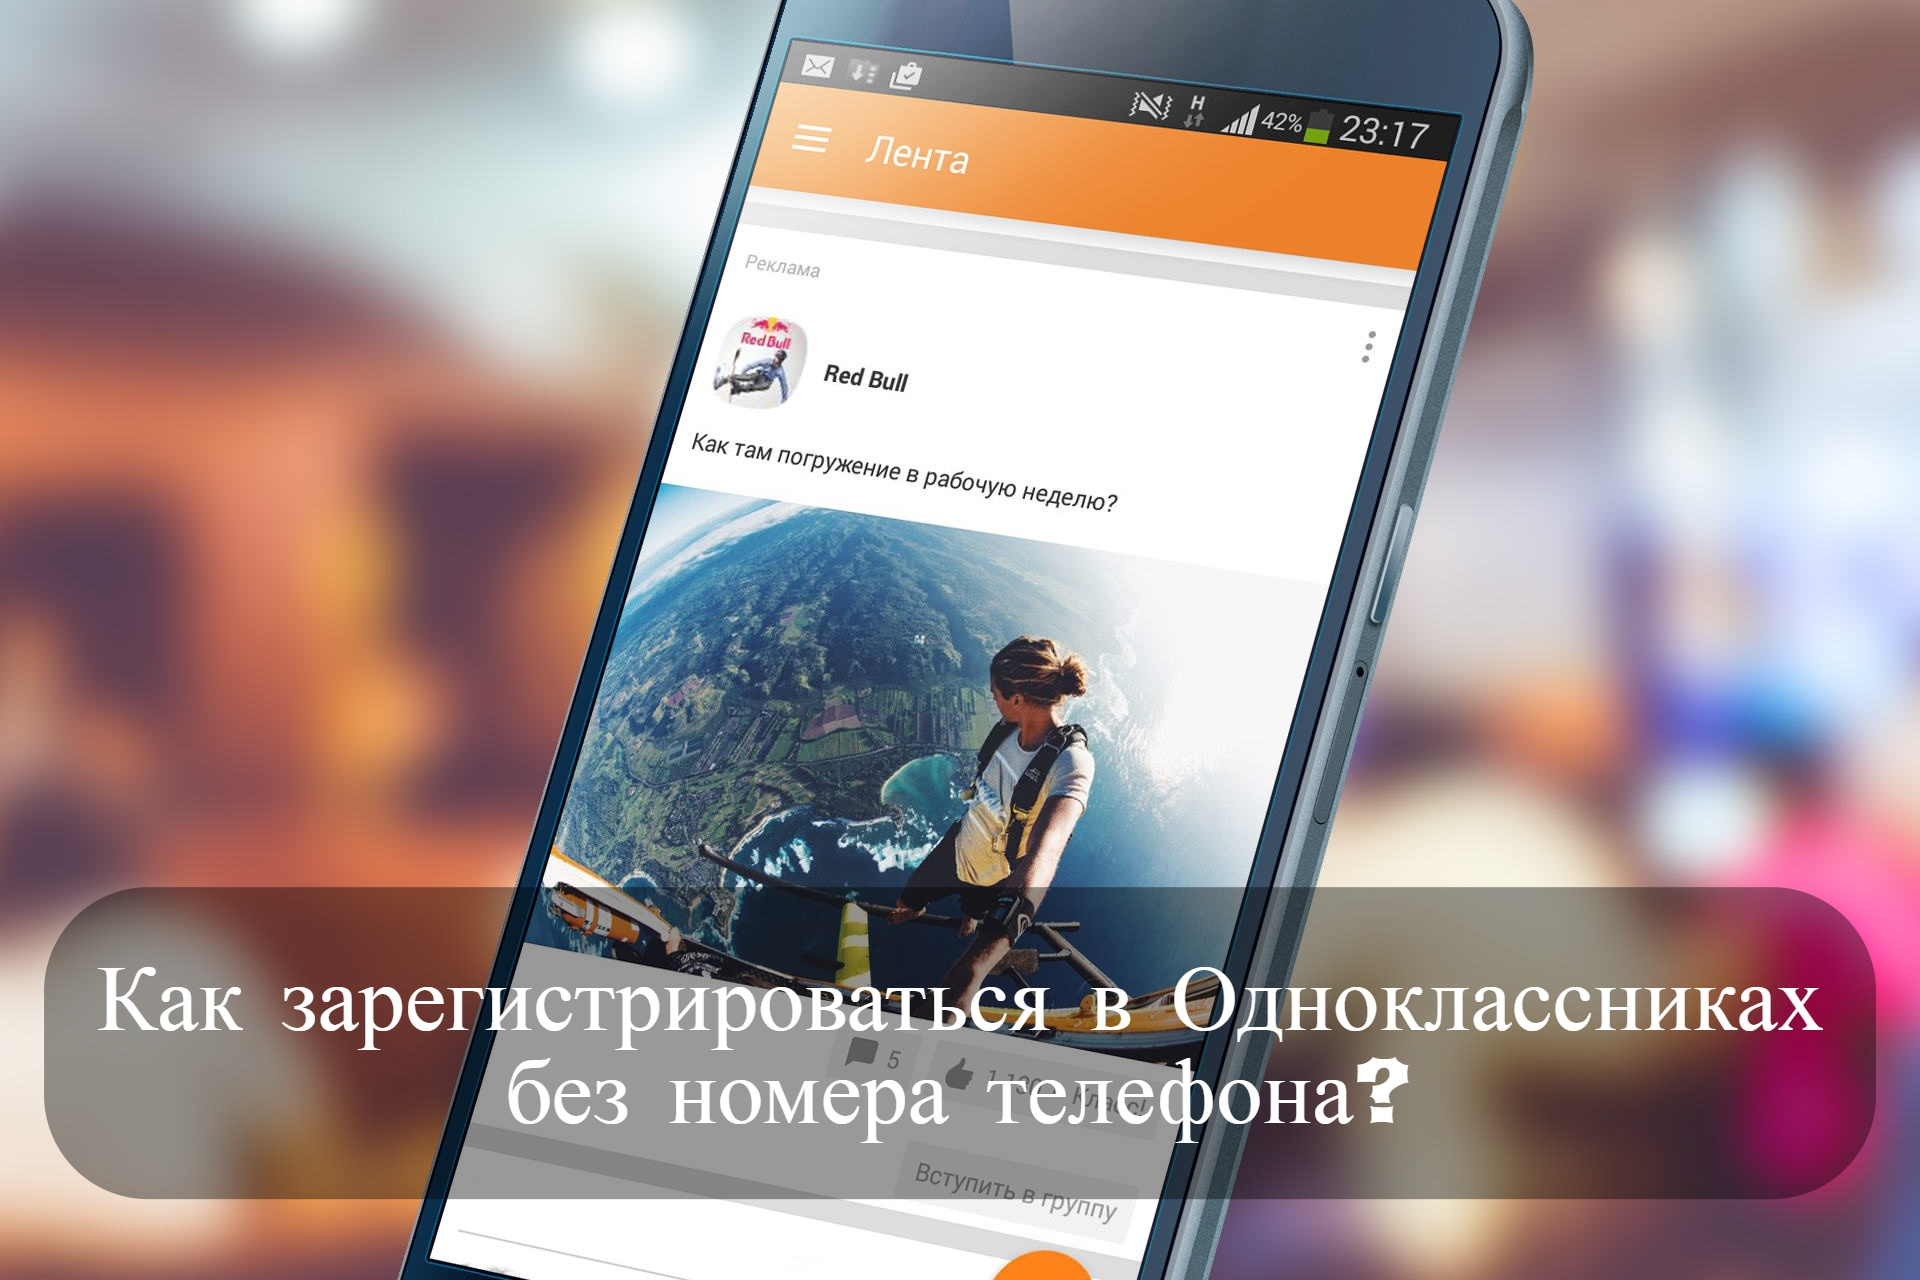 Как зарегистрироваться в Одноклассниках (ОК) без номера телефона